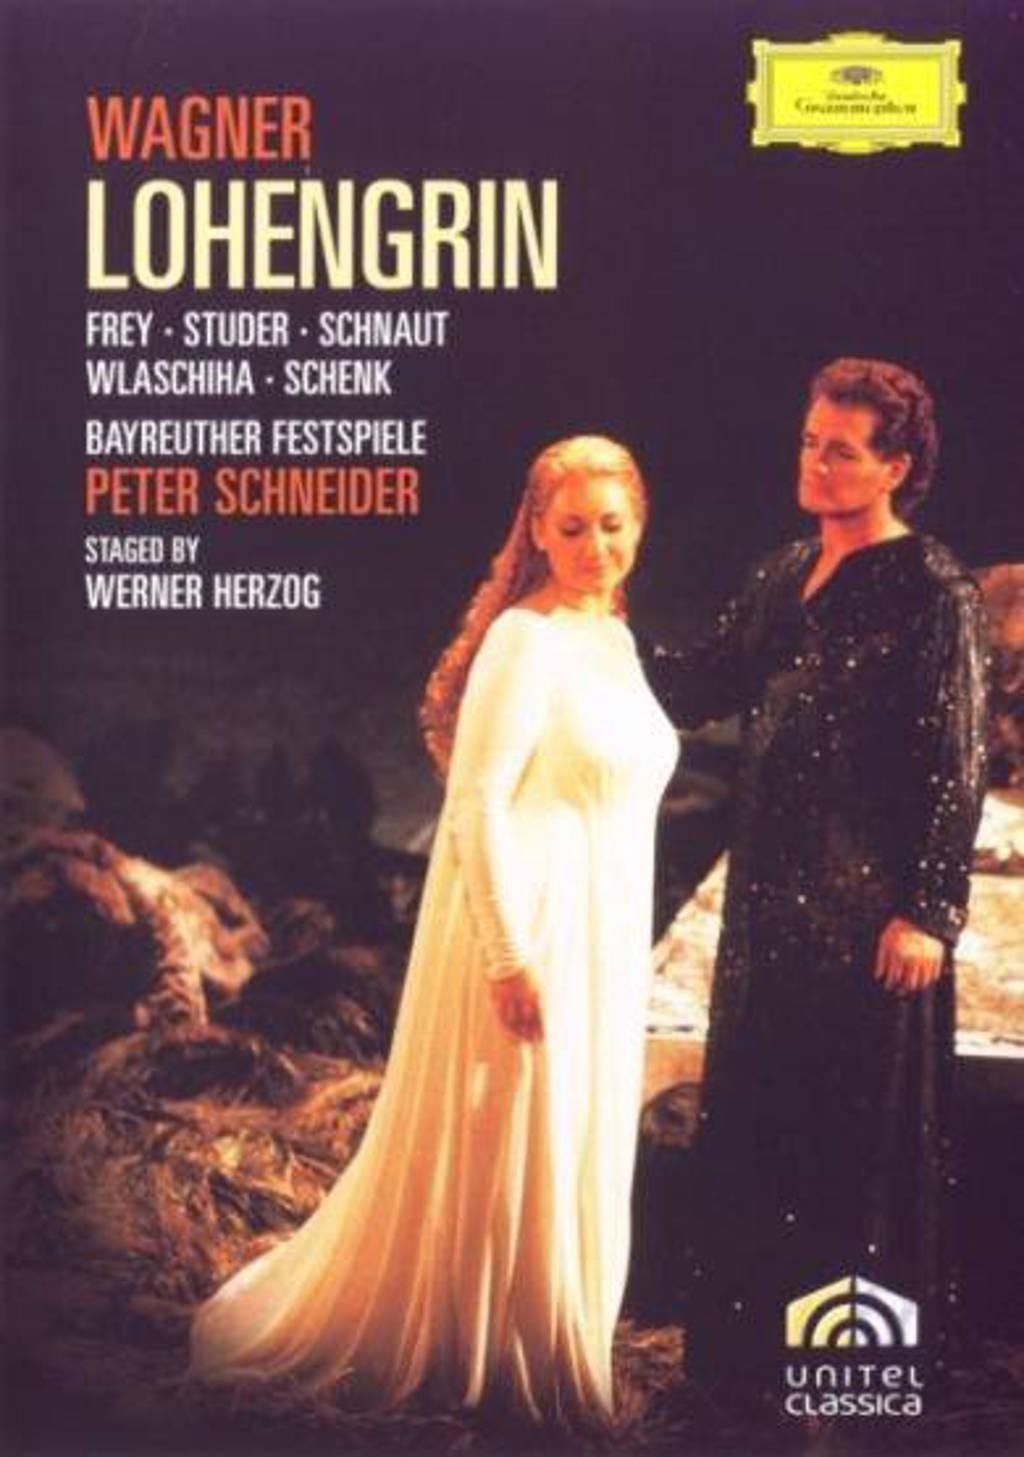 Wagner - lohengrin (DVD)